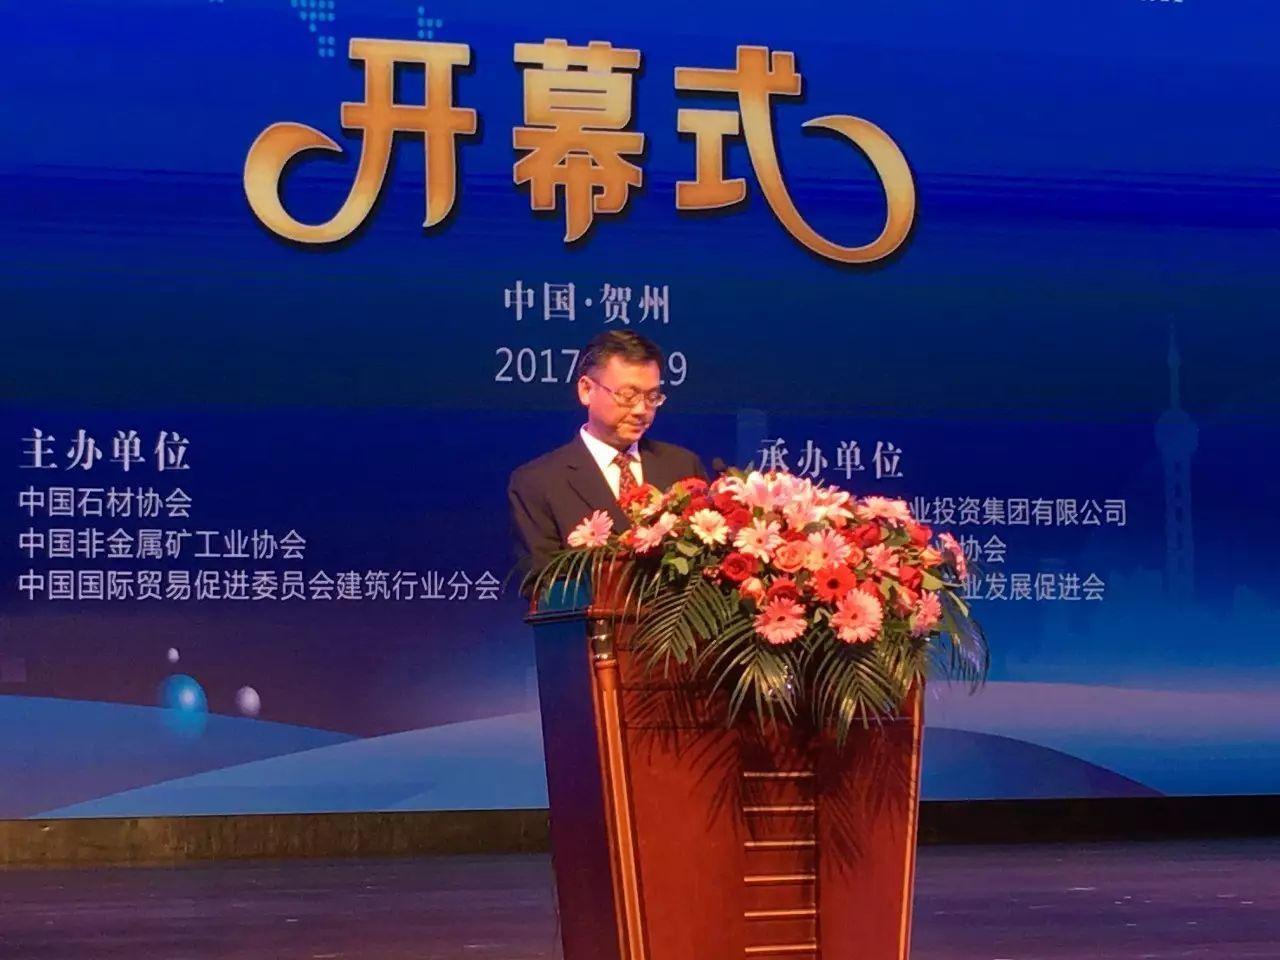 第二届中国(贺州)石材•碳酸钙展览会隆重开幕!